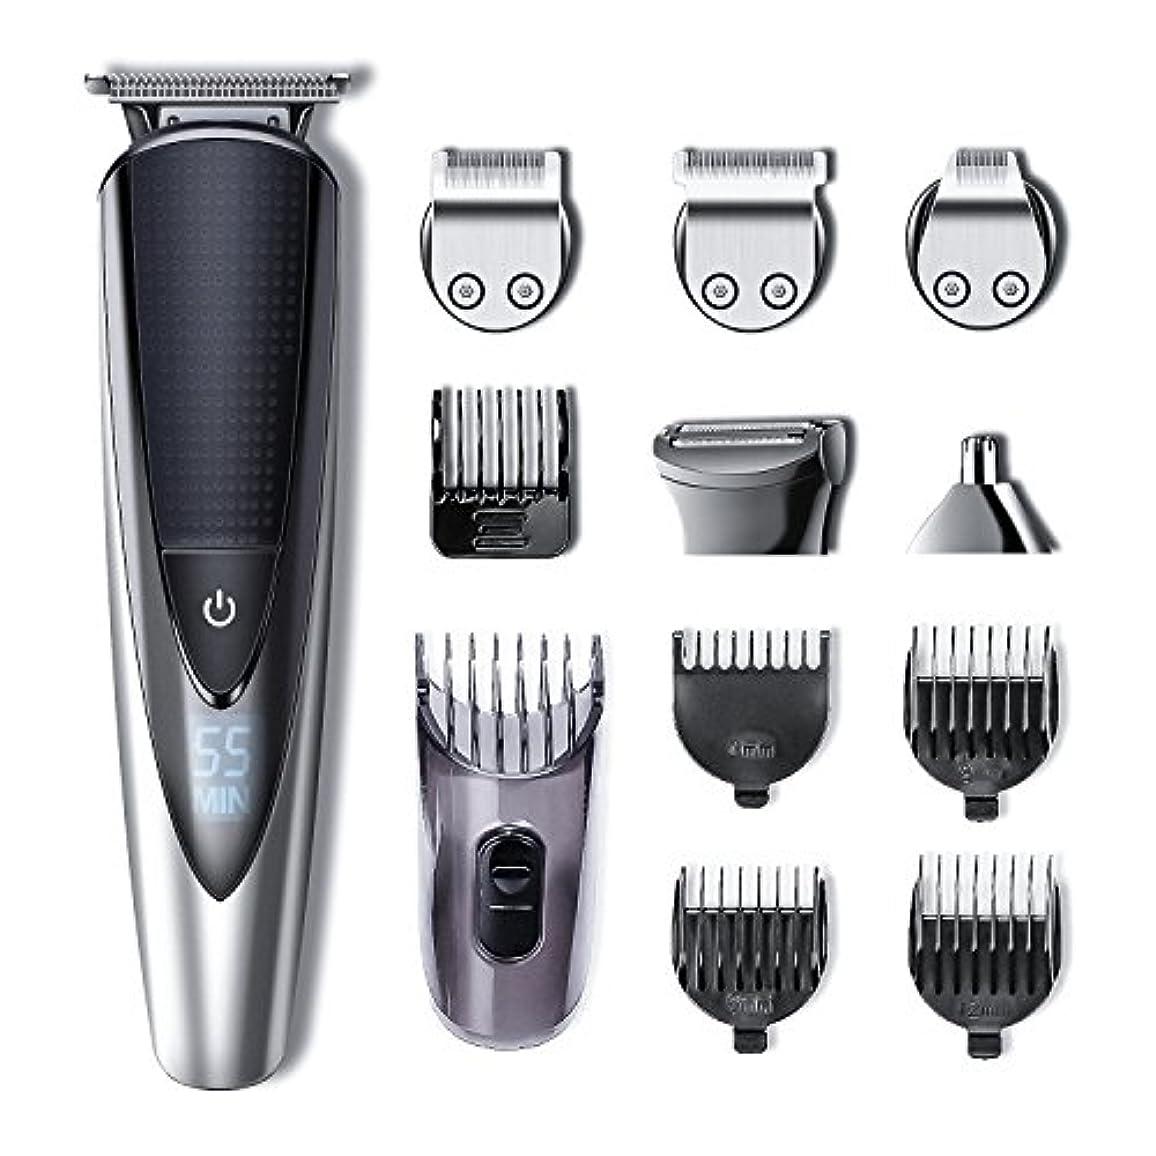 指標スーツ過半数Hatteker Mens Beard Trimmer Kit Body Mustache Trimmer Hair Trimmer for Nose Ear Grooming Trimmer Kit Body Grommer...